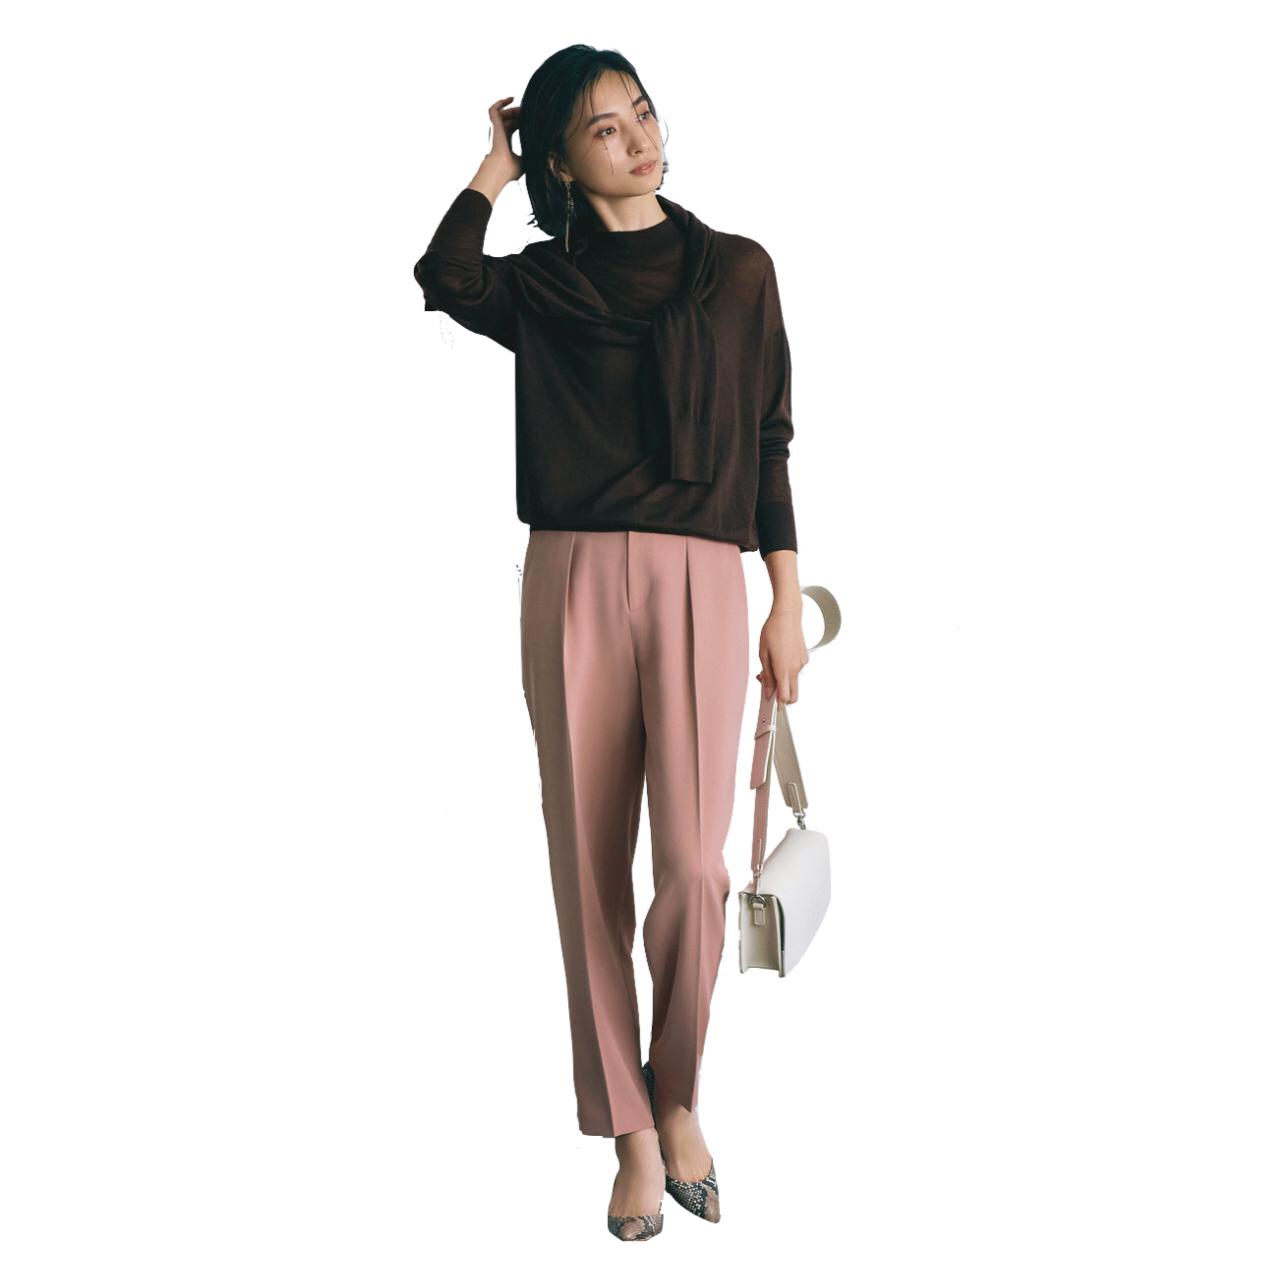 この春、きれい色を楽しむなら「カラーパンツ」がマスト! 40代に似合うカラーパンツ総まとめ|アラフォーファッション_1_3